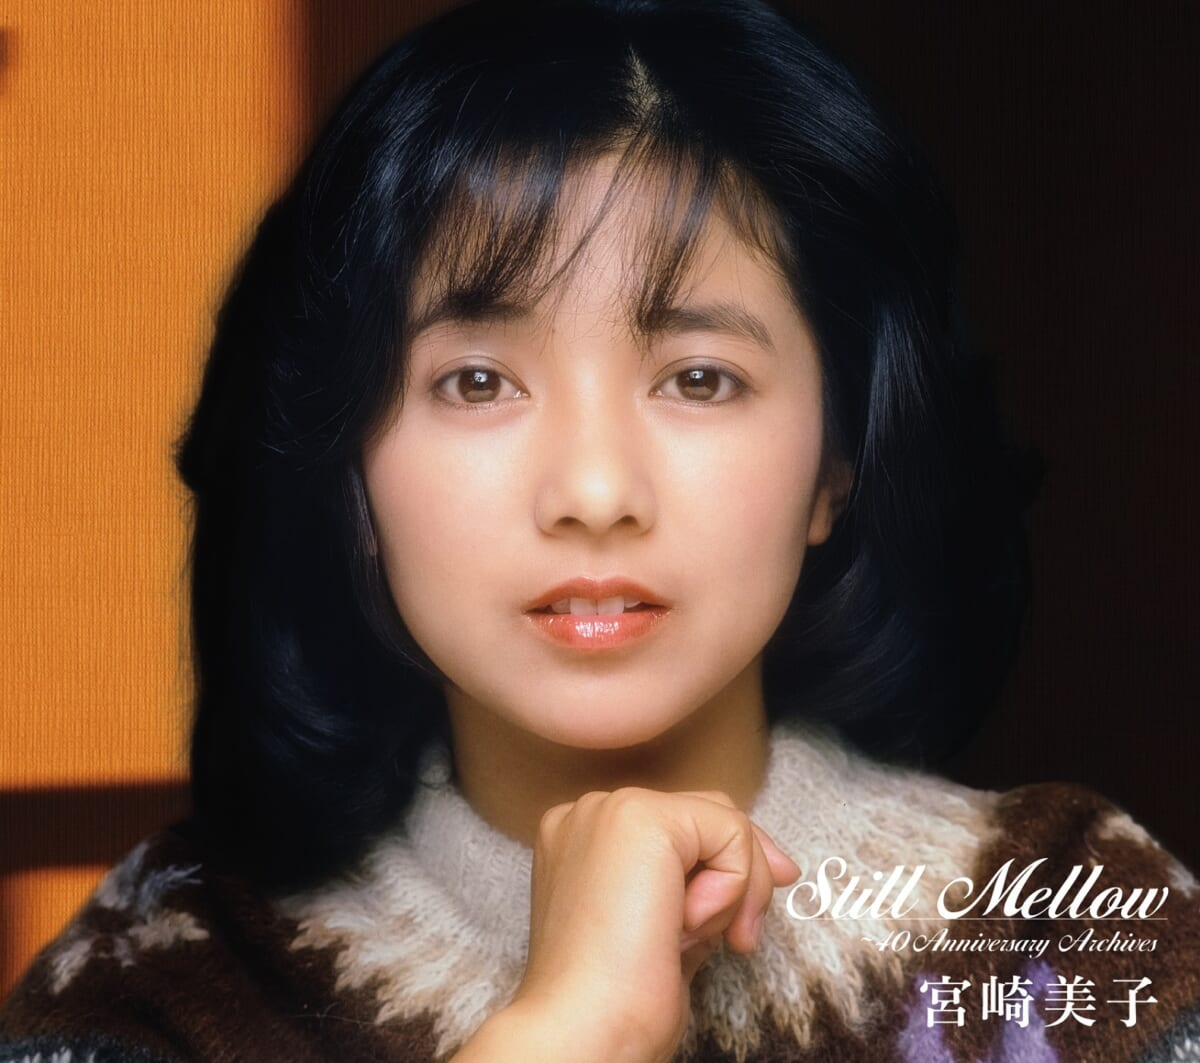 宮崎美子『スティル・メロウ ~40thアニバーサリー・アーカイブス』限定盤